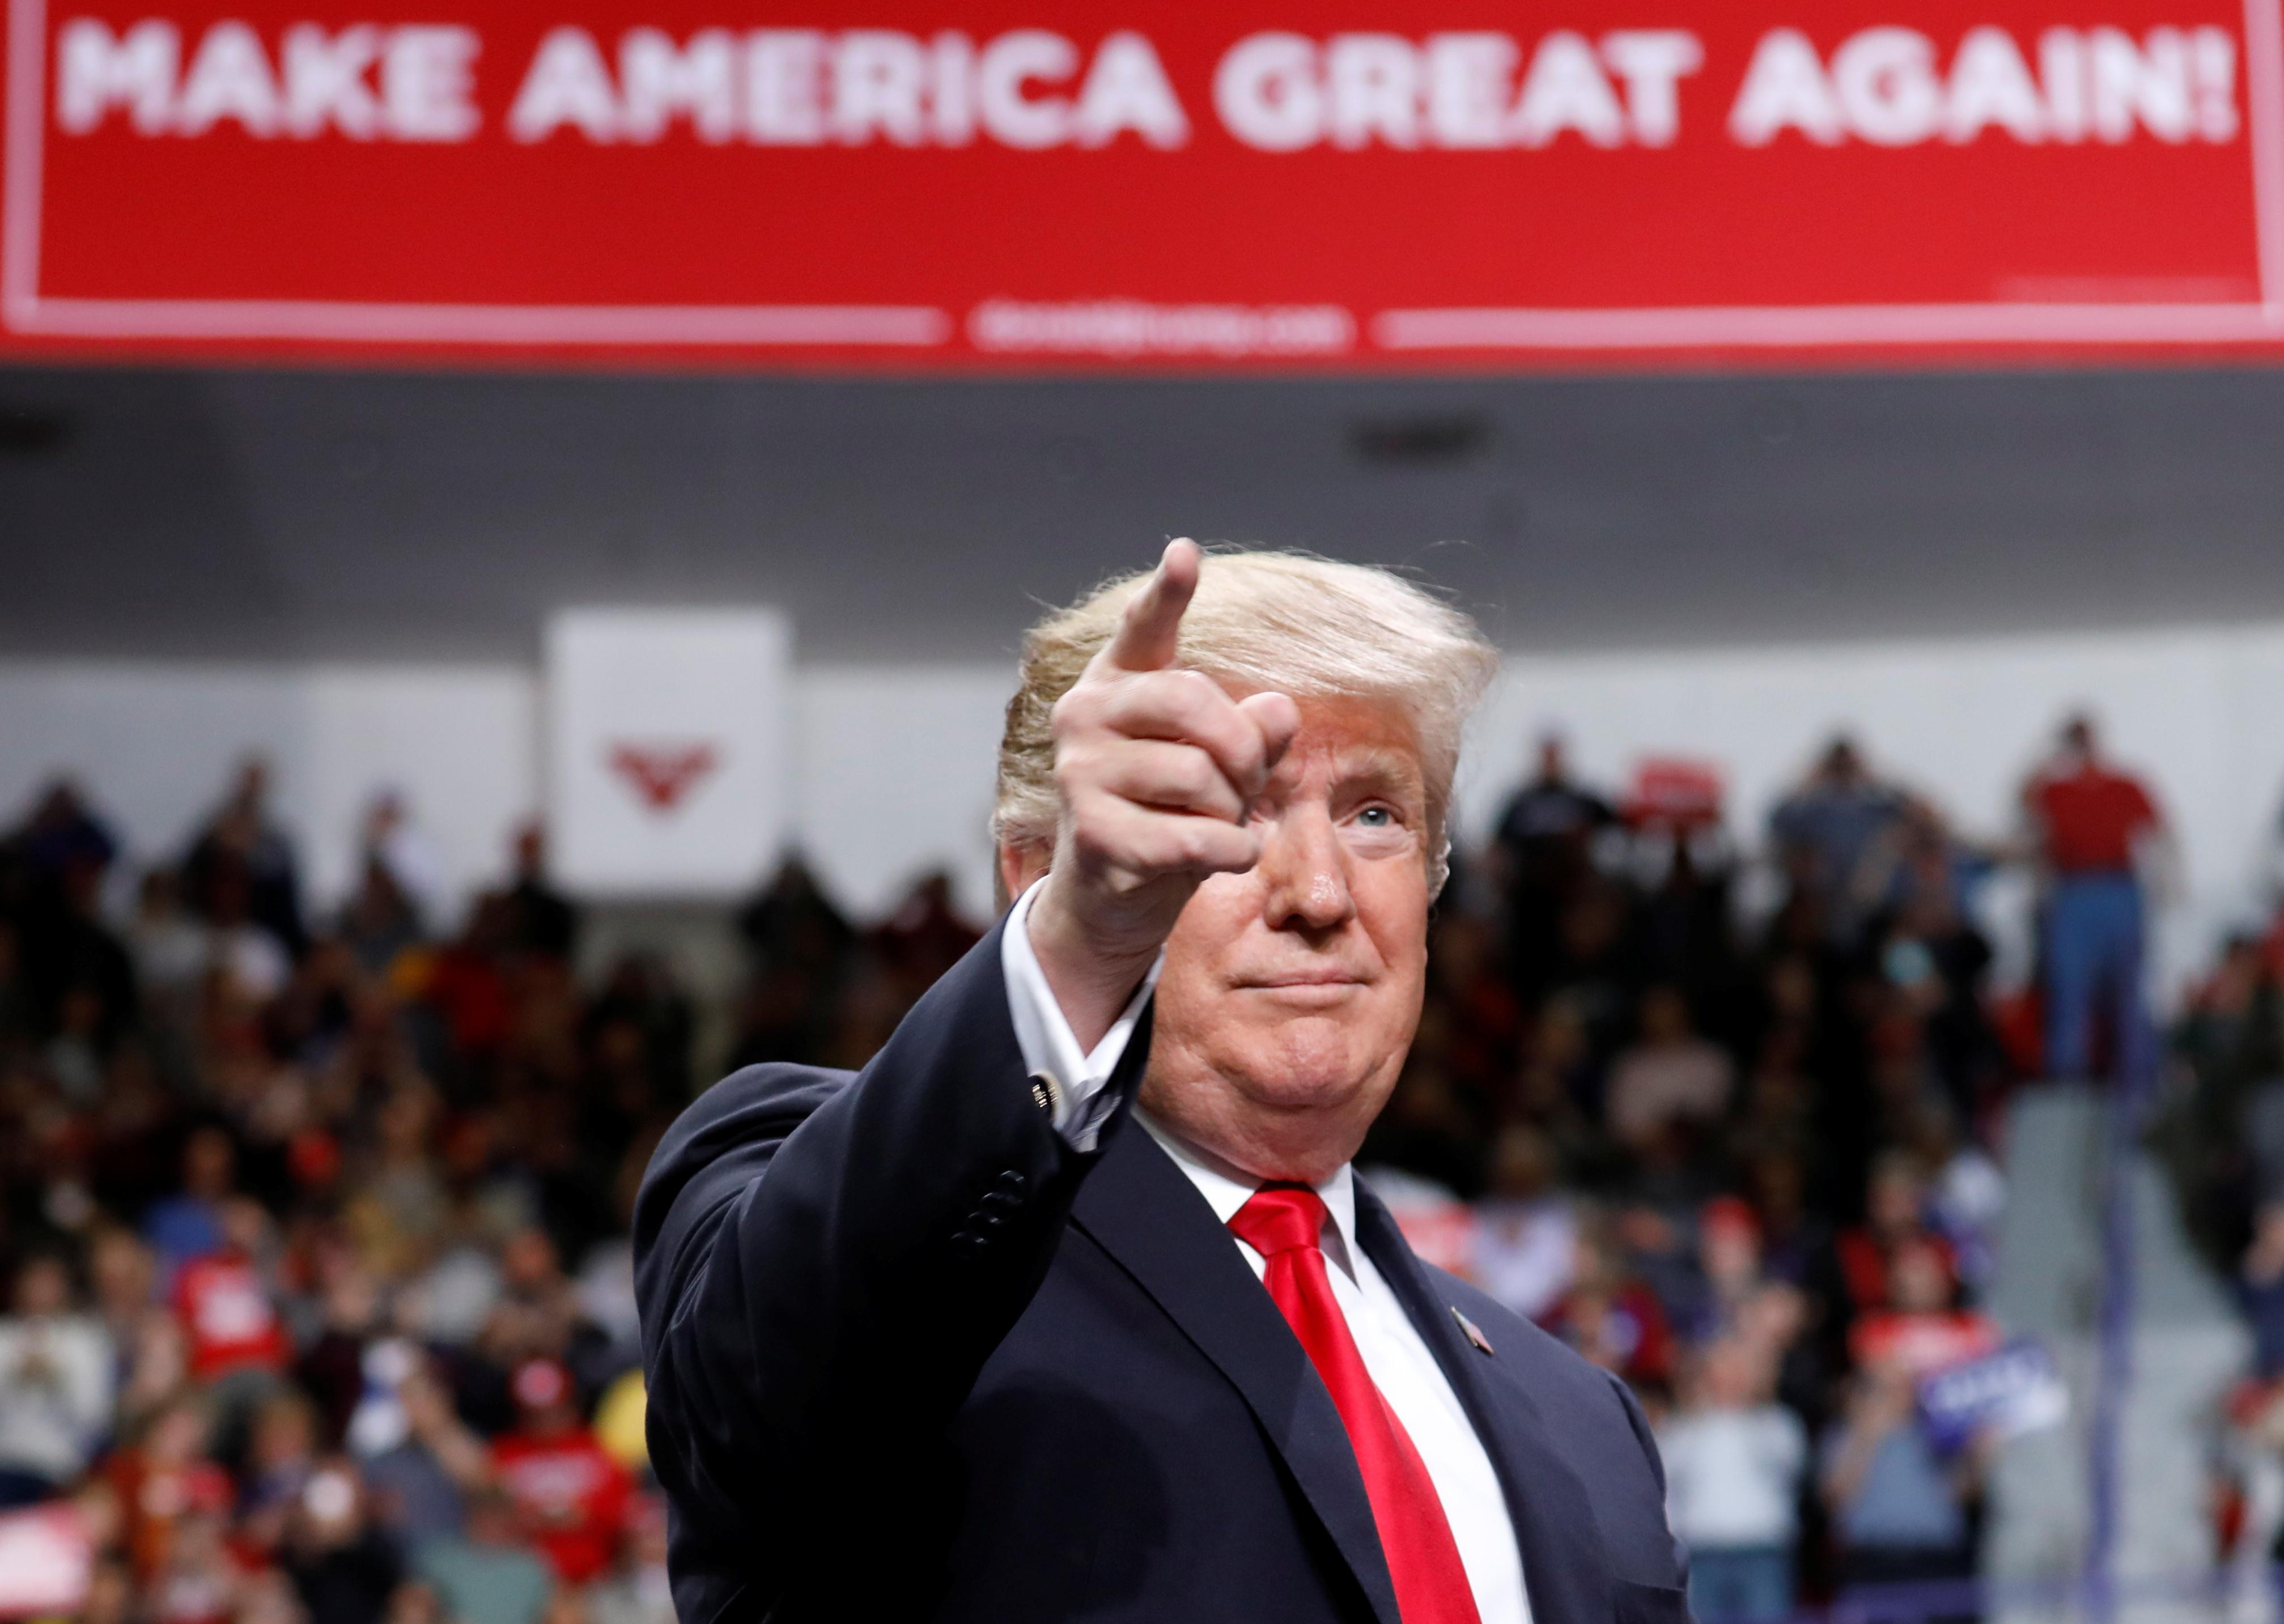 الرئيس ترامب يلقي كلمة في تجمع اجعل أمريكا عظيمة مرة أخرى4